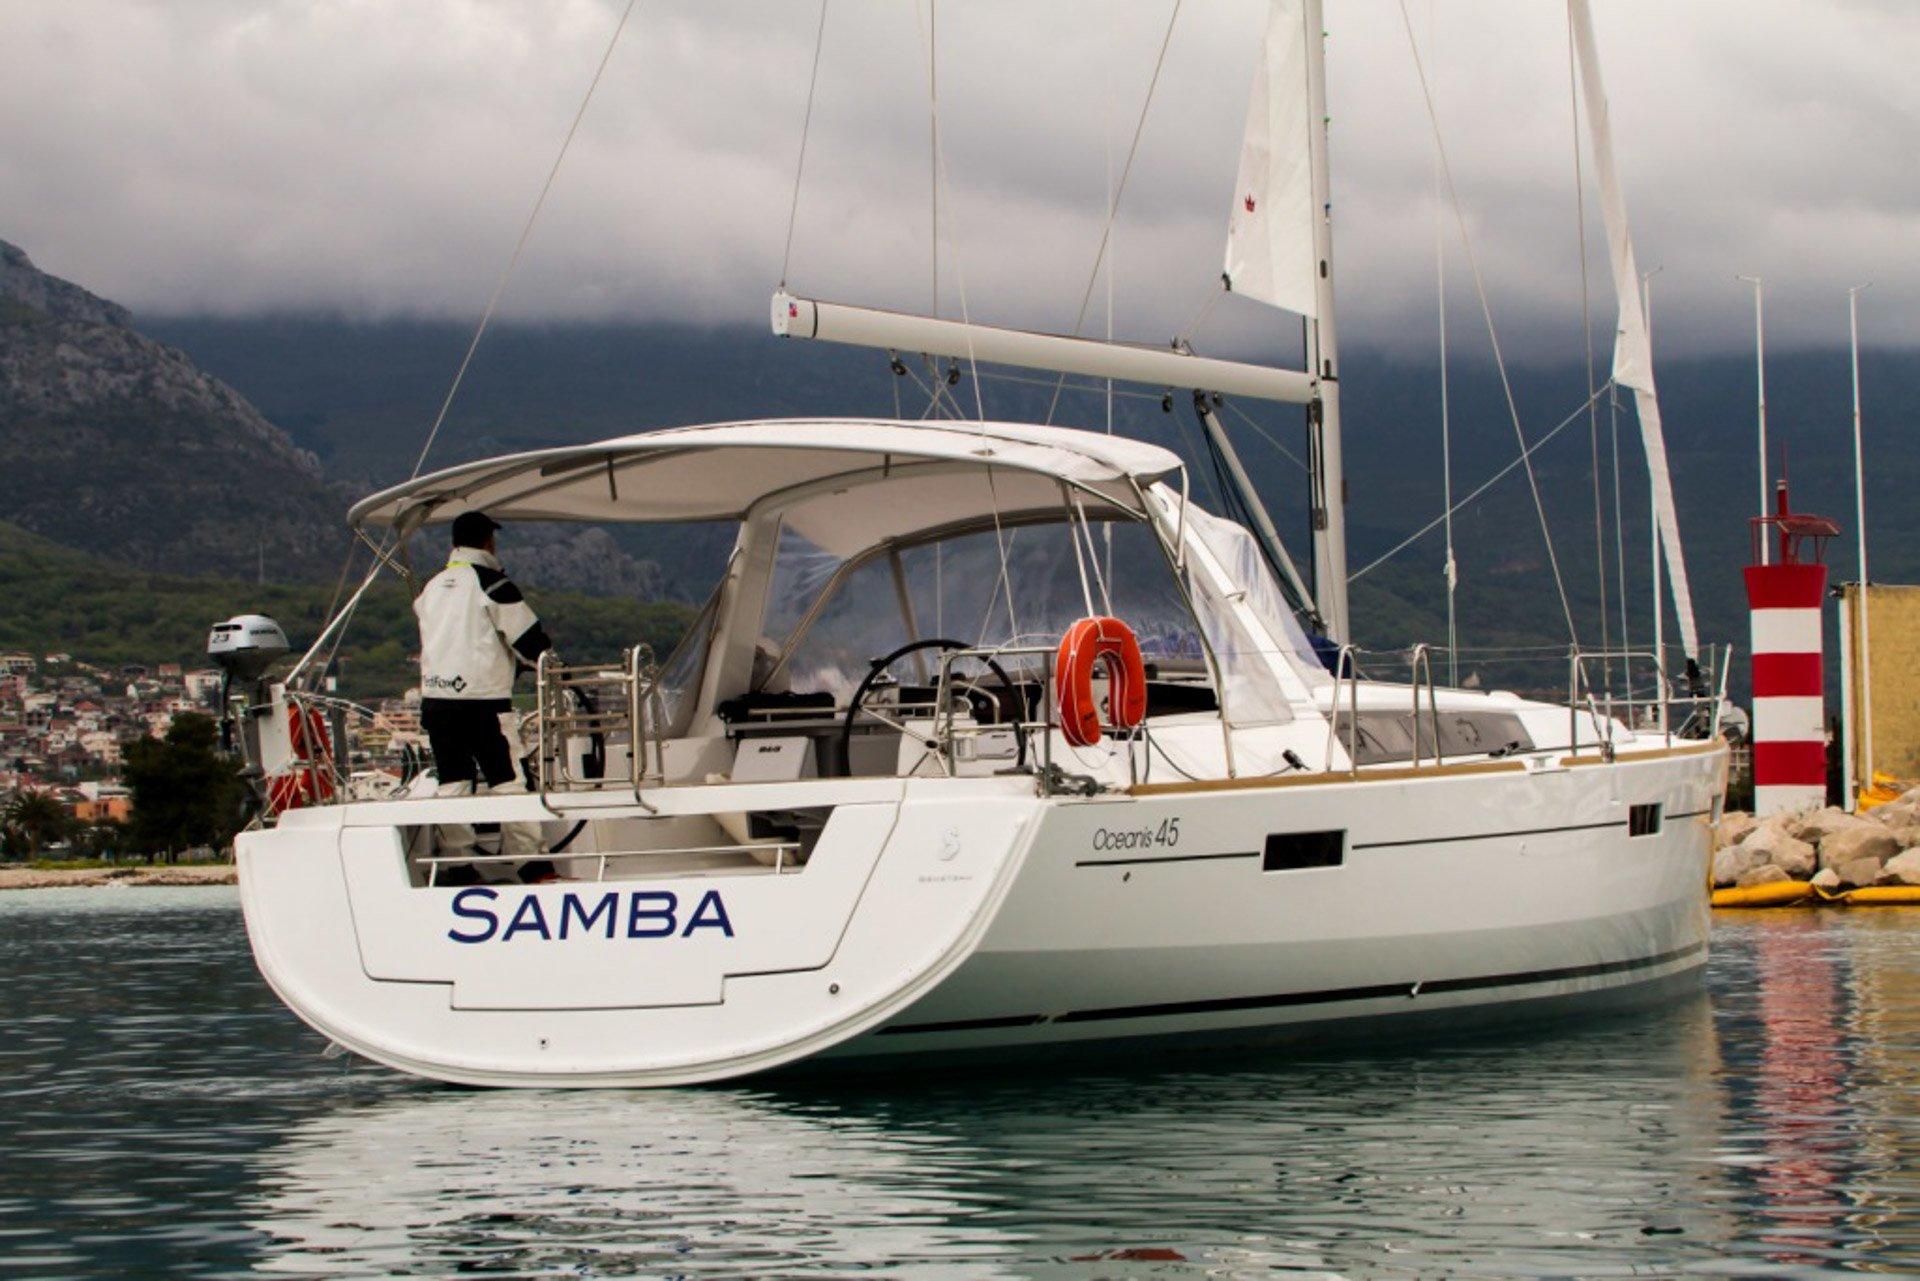 Beneteau Oceanis 45 Samba